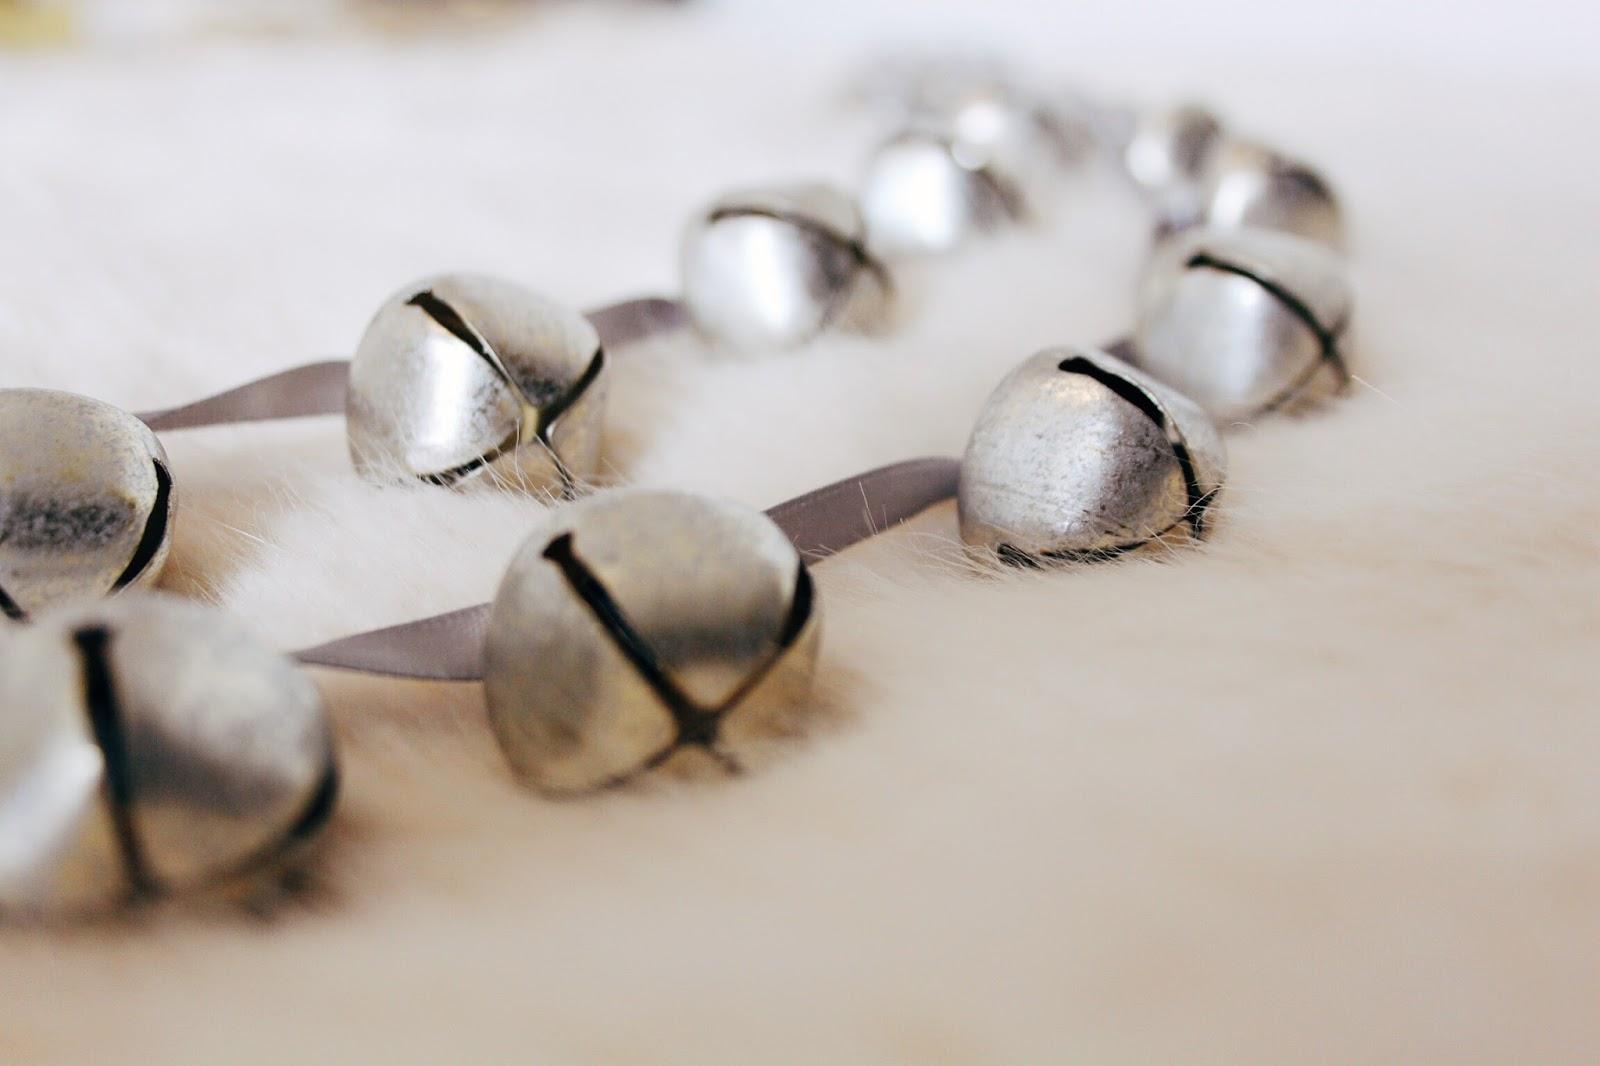 laura ashley silver bells decoration